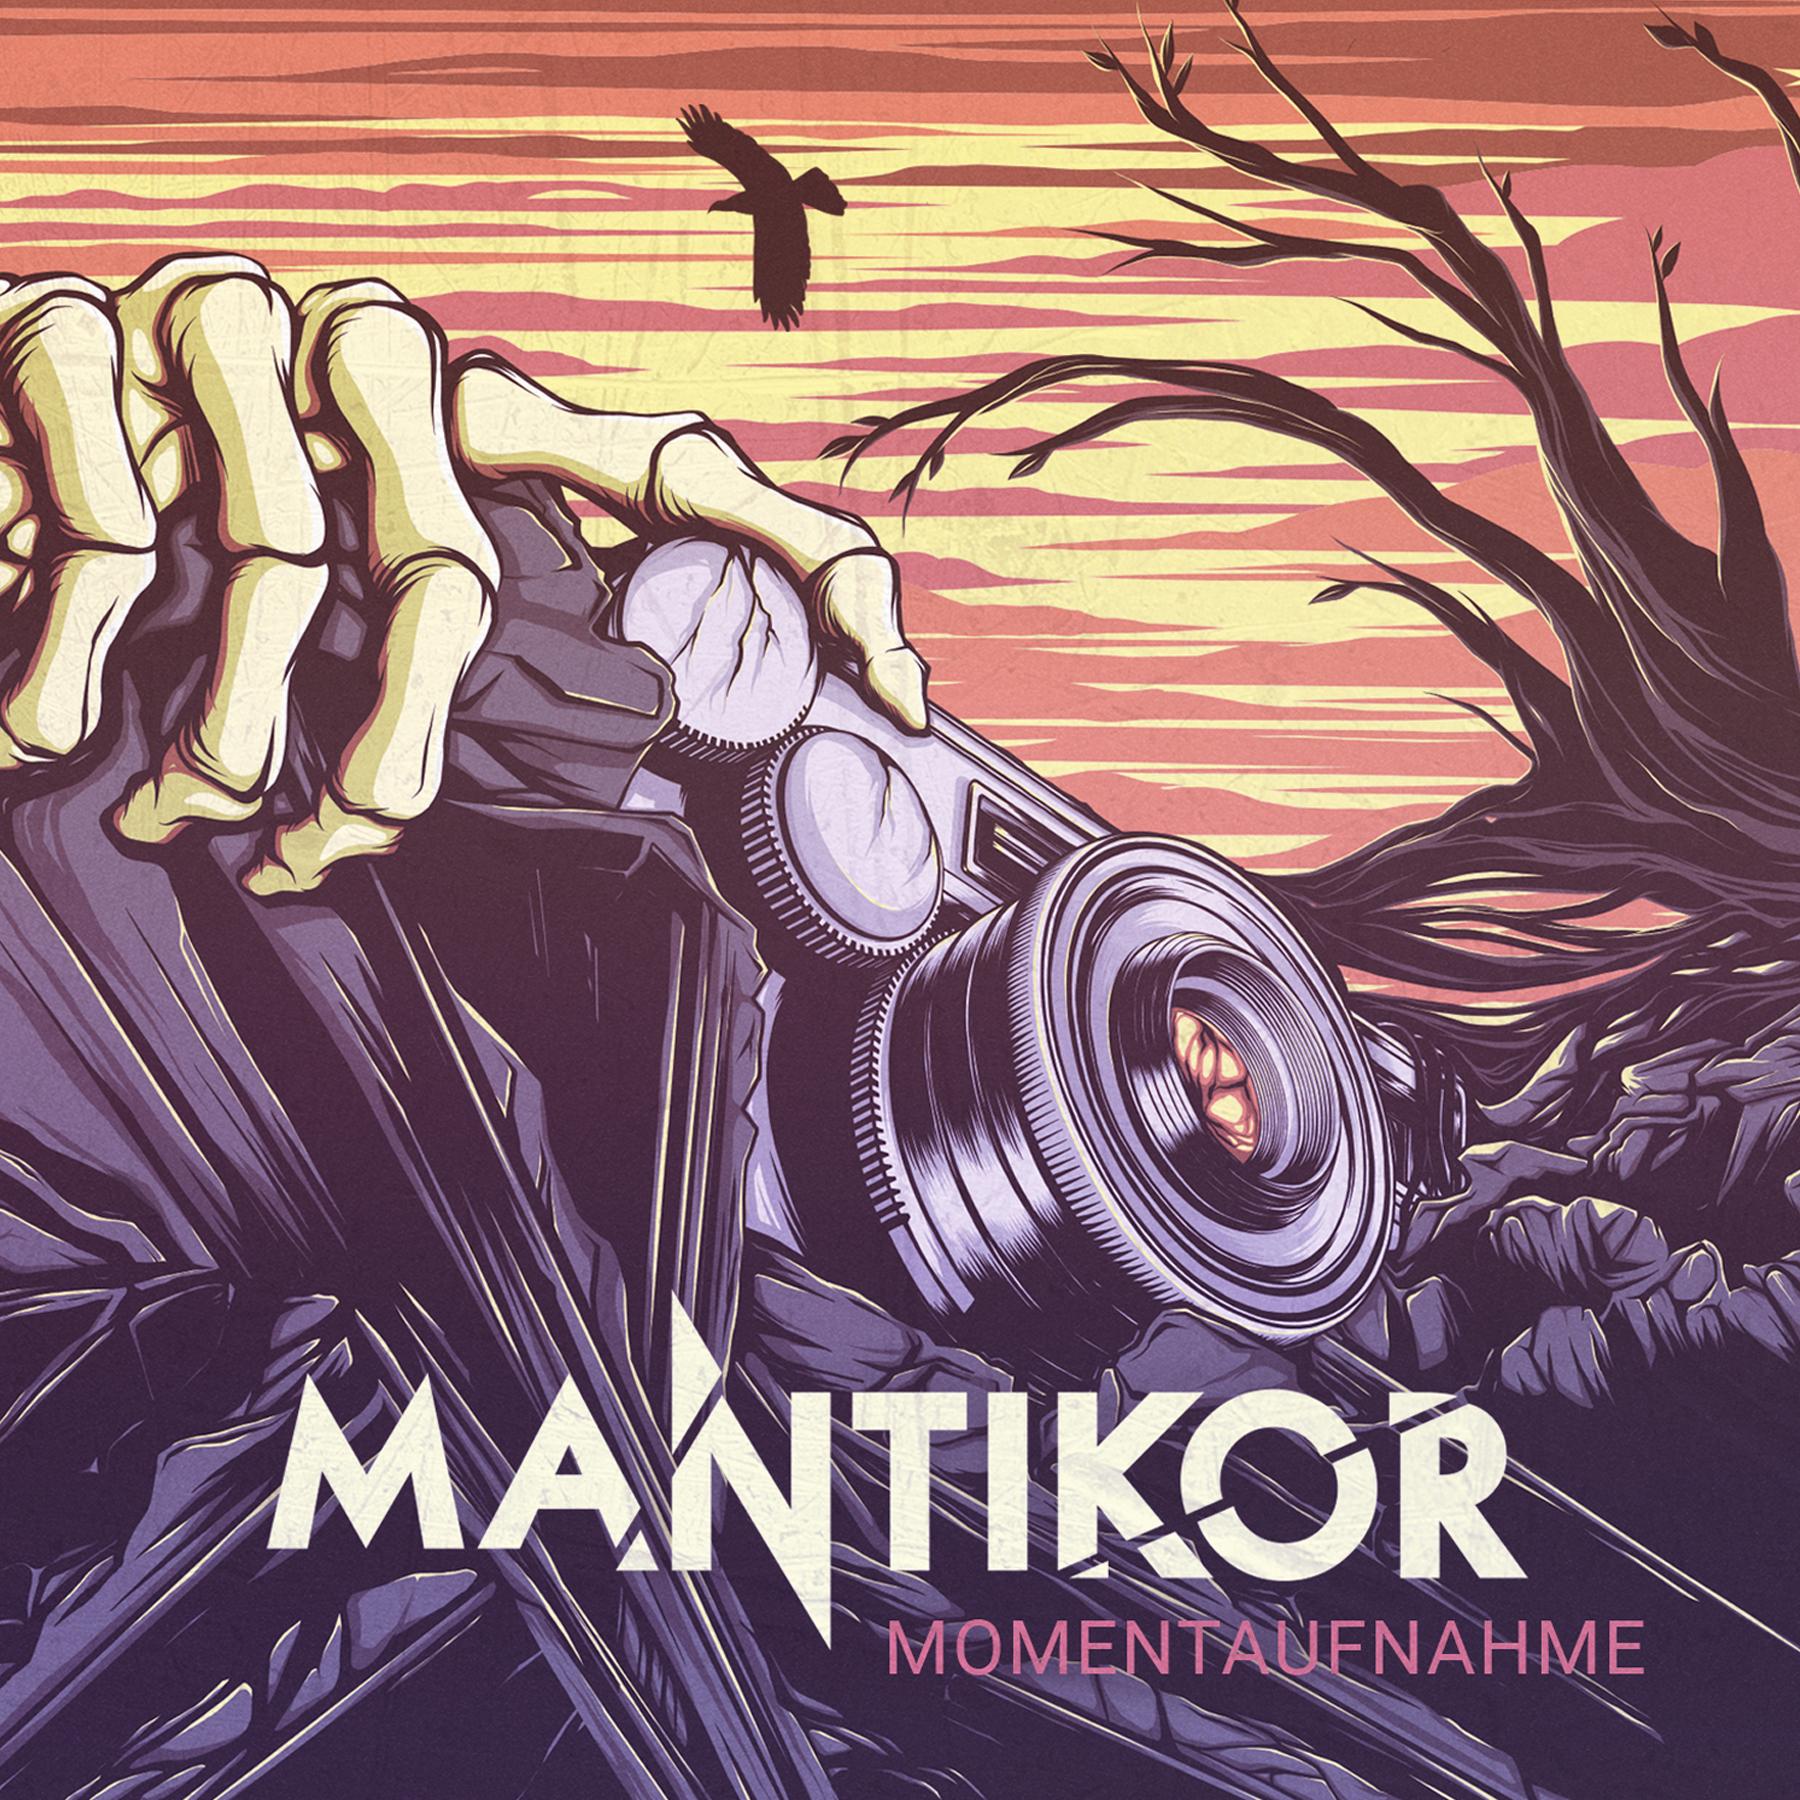 MANTIKOR Image